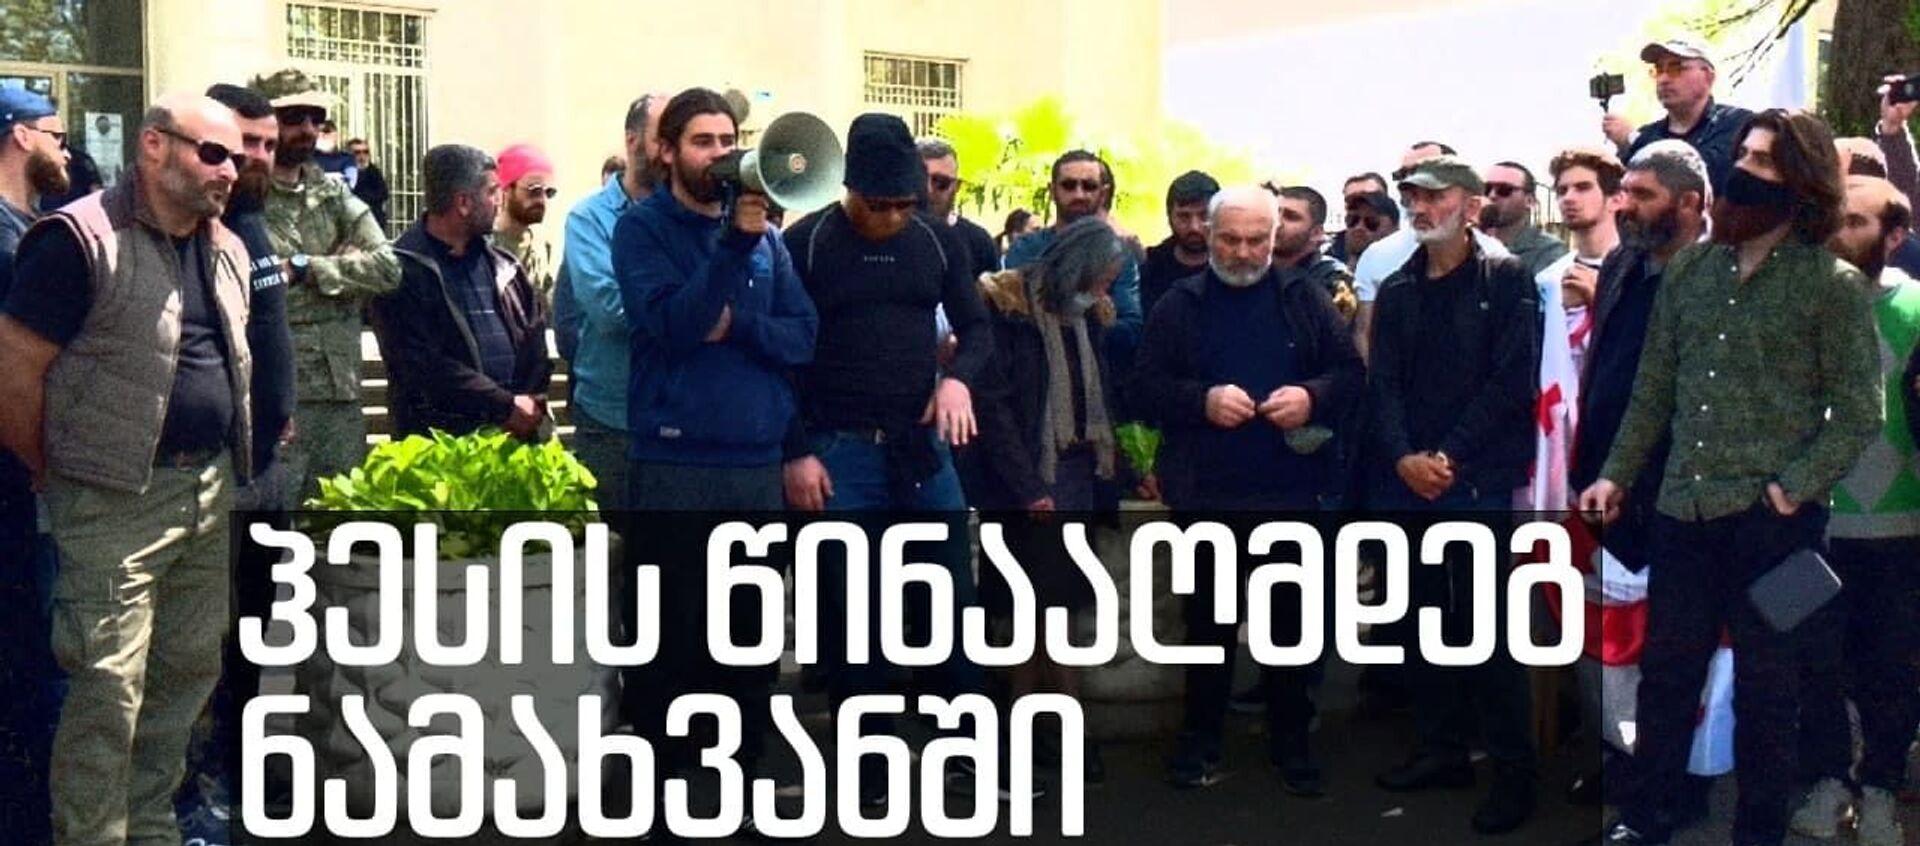 """პროტესტი საქართველოში: """"რიონის მცველებმა"""" წყალტუბოში ნამახვანის წინააღმდეგ მიტინგი გამართეს - Sputnik საქართველო, 1920, 28.04.2021"""